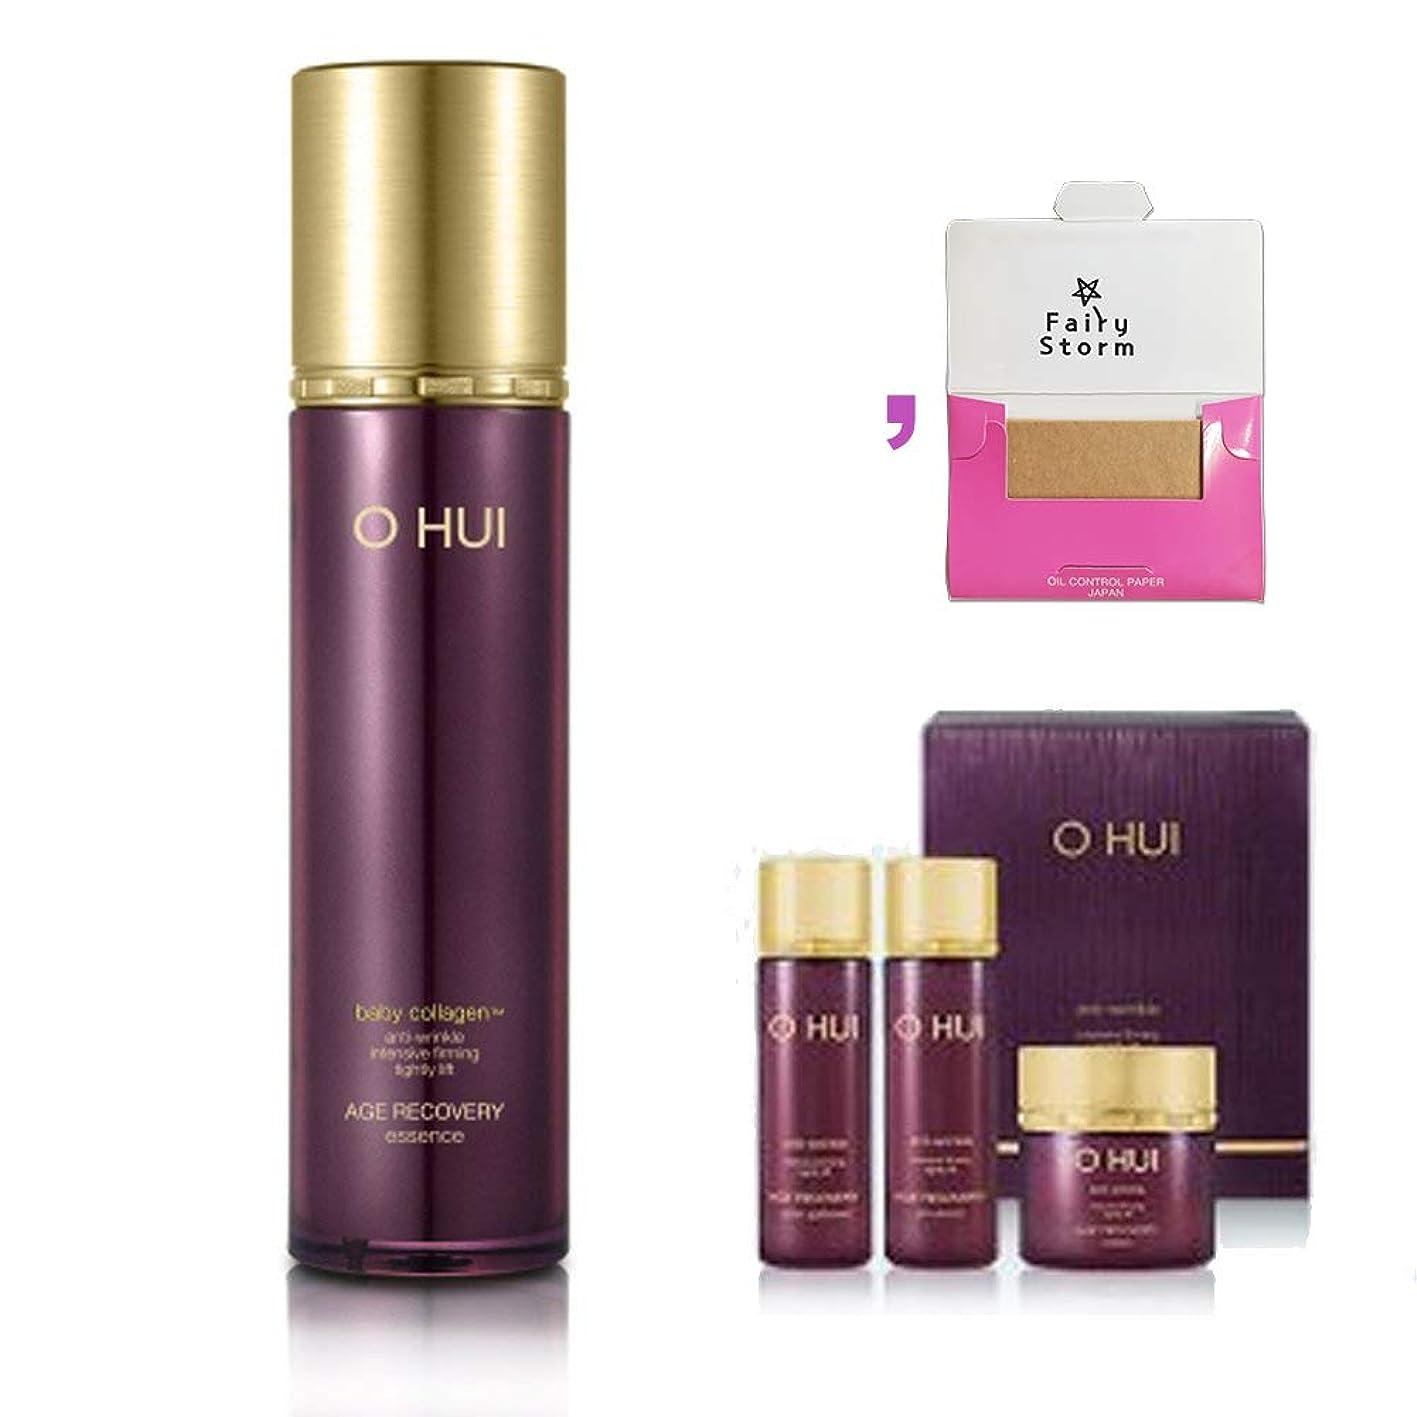 [オフィ/ O HUI]韓国化粧品 LG生活健康/ Ohui AGE RECOVERY ESSENCE Special Set /オフィ エイジ リカバリー エッセンス45ml 限定セット +[Sample Gift](海外直送品)